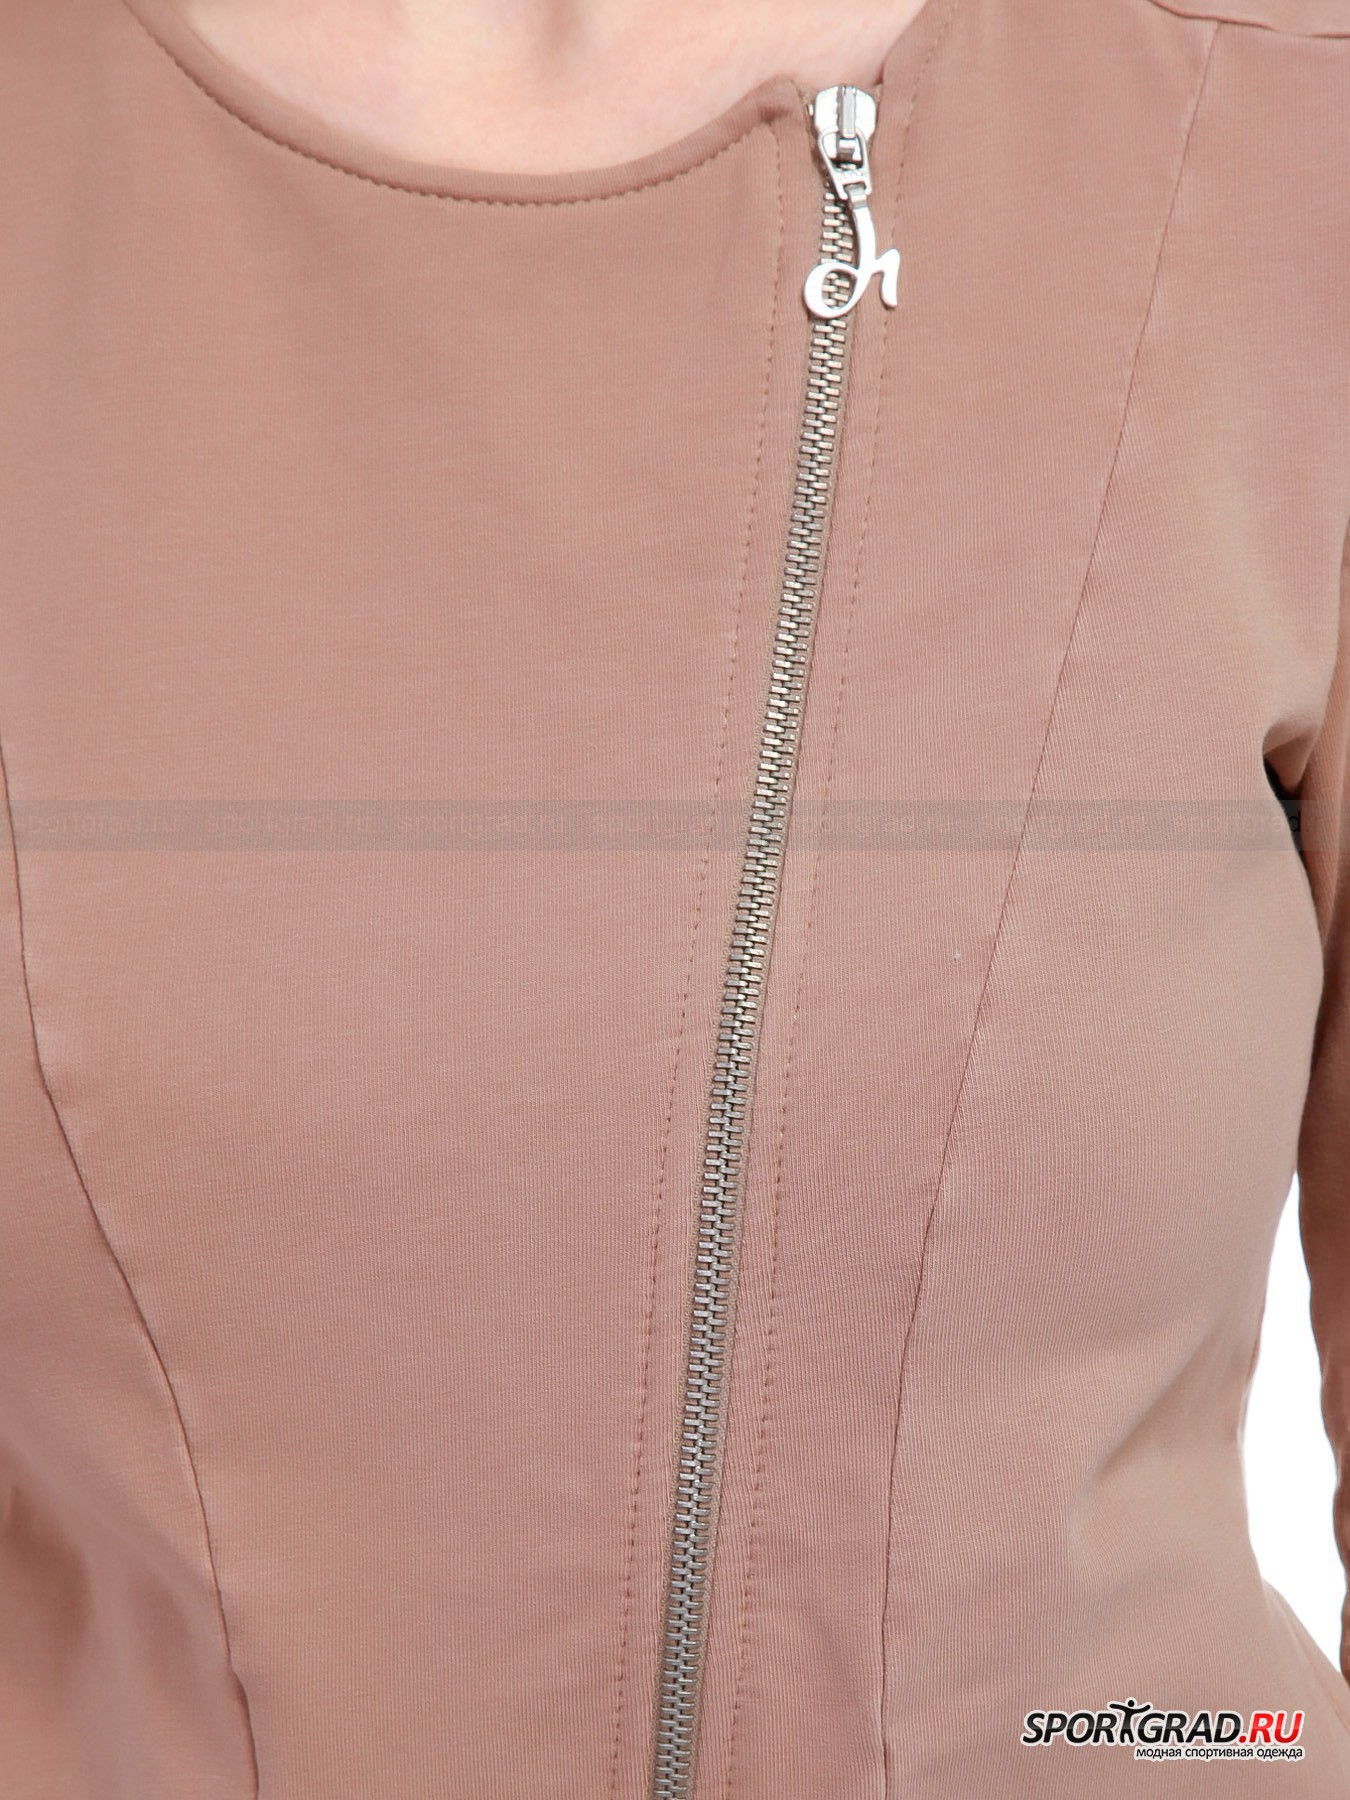 Жакет женский  Jacket  DEHA из хлопкового трикотажа от Спортград